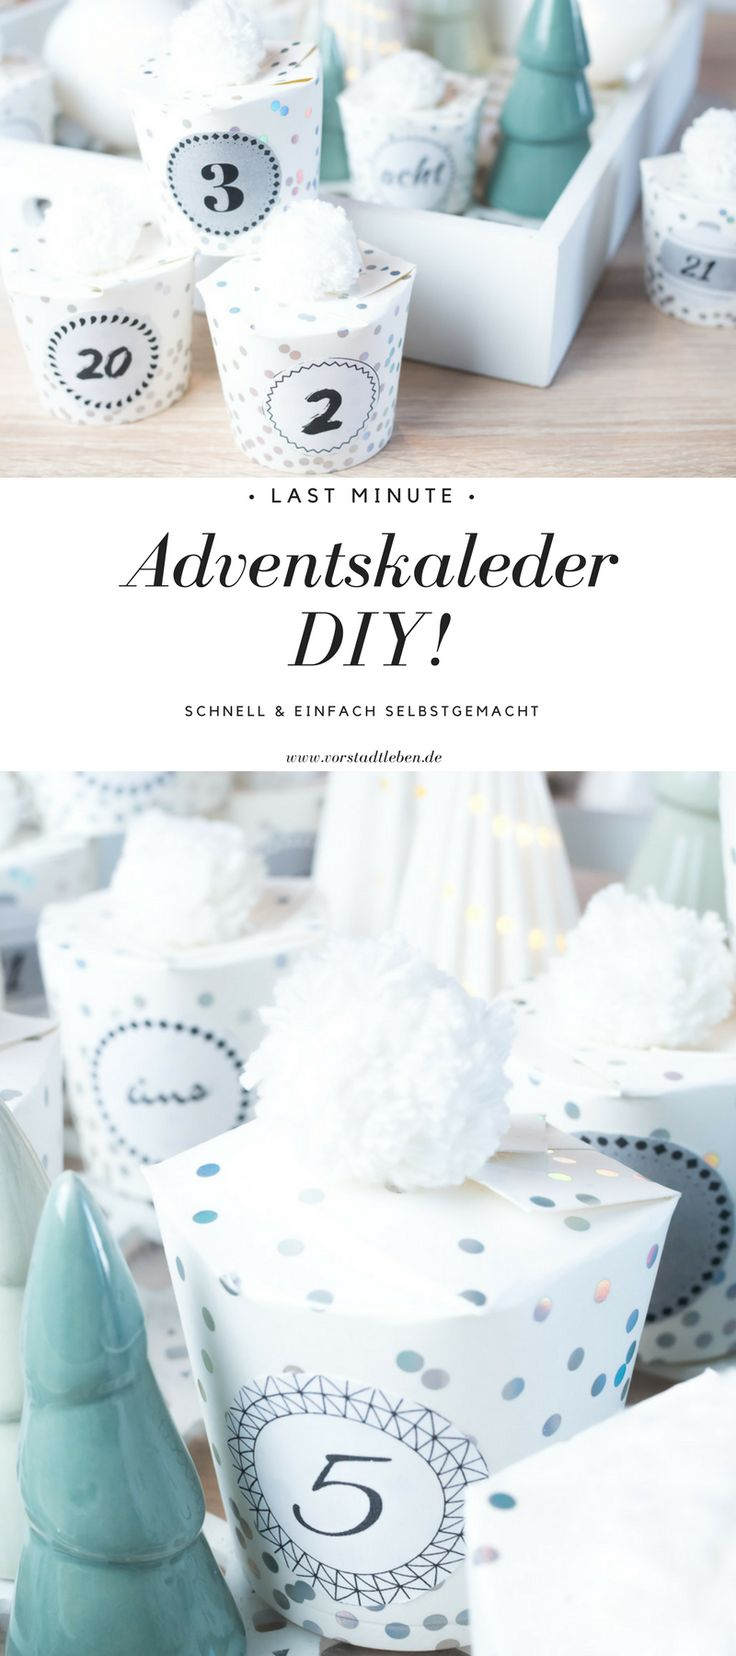 Adventskalender schnell und einfach selbstgemacht. Alles was Ihr braucht sind Pappbecher und Wolle - und mit ein paar Schnitten mit der Bastelschere wird ein zauberhafter Adventskalender draus...   #adventskalender #diy #basteln #selbstgemacht